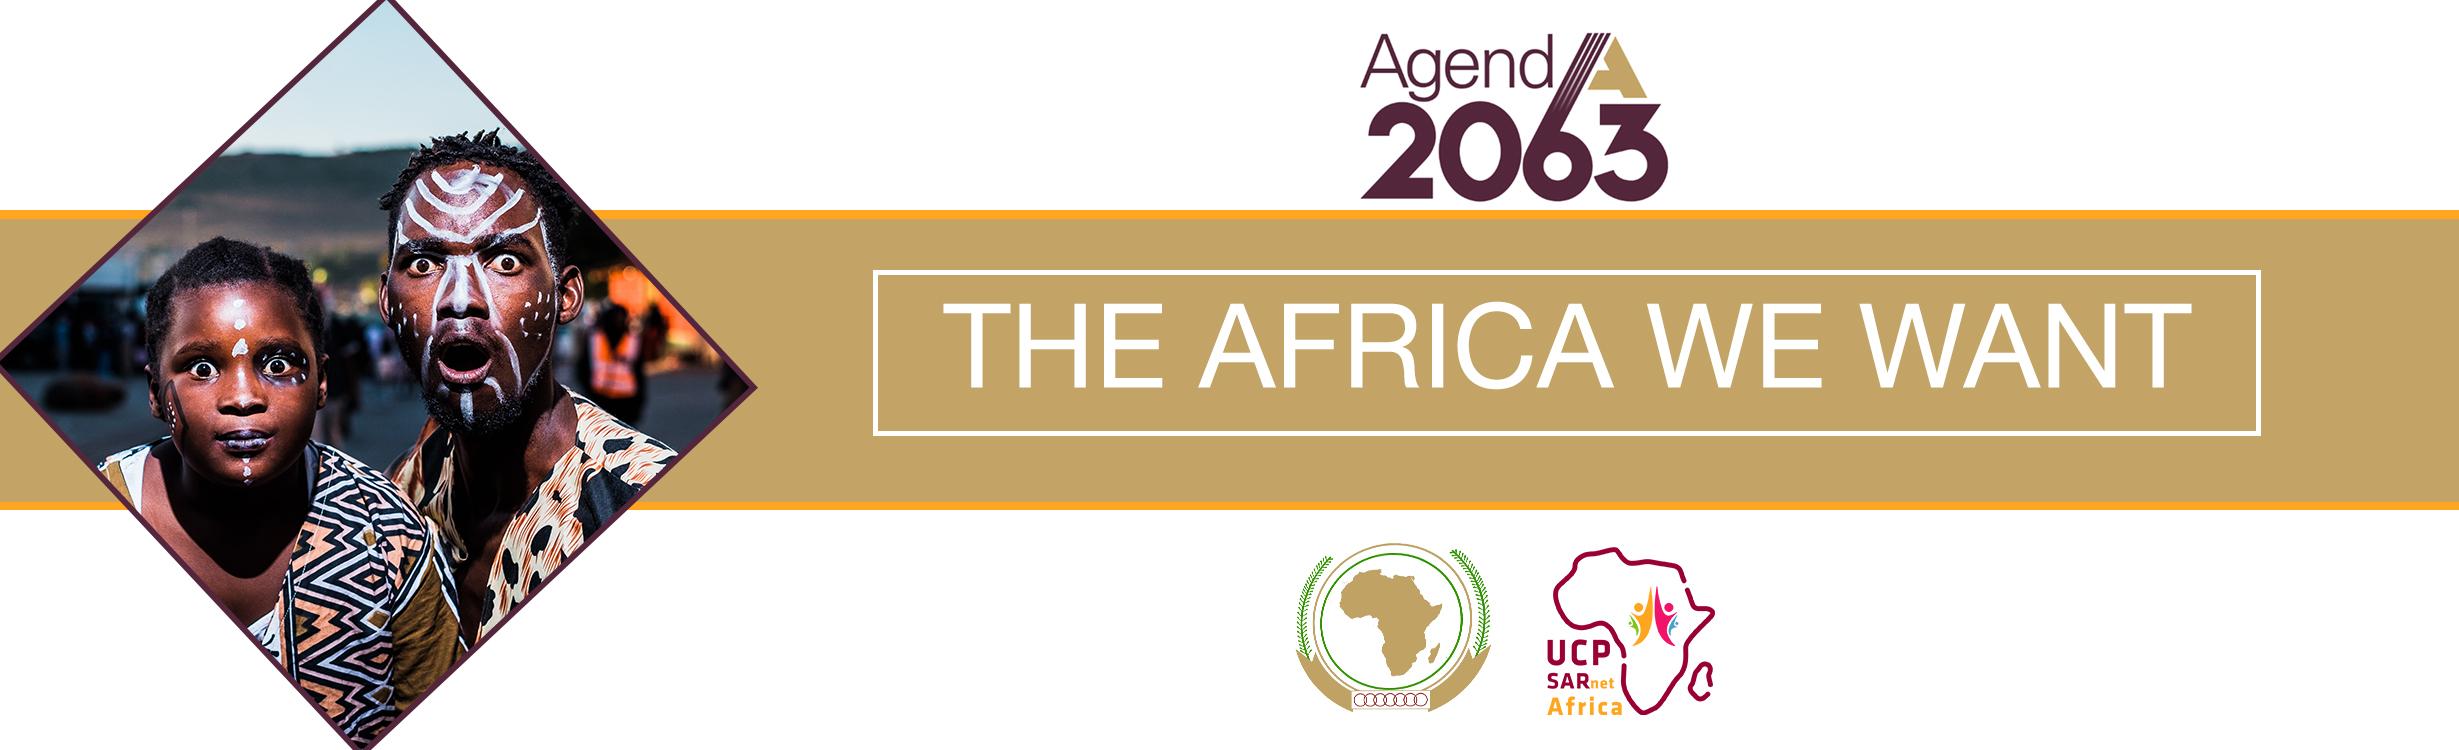 agenda-2063